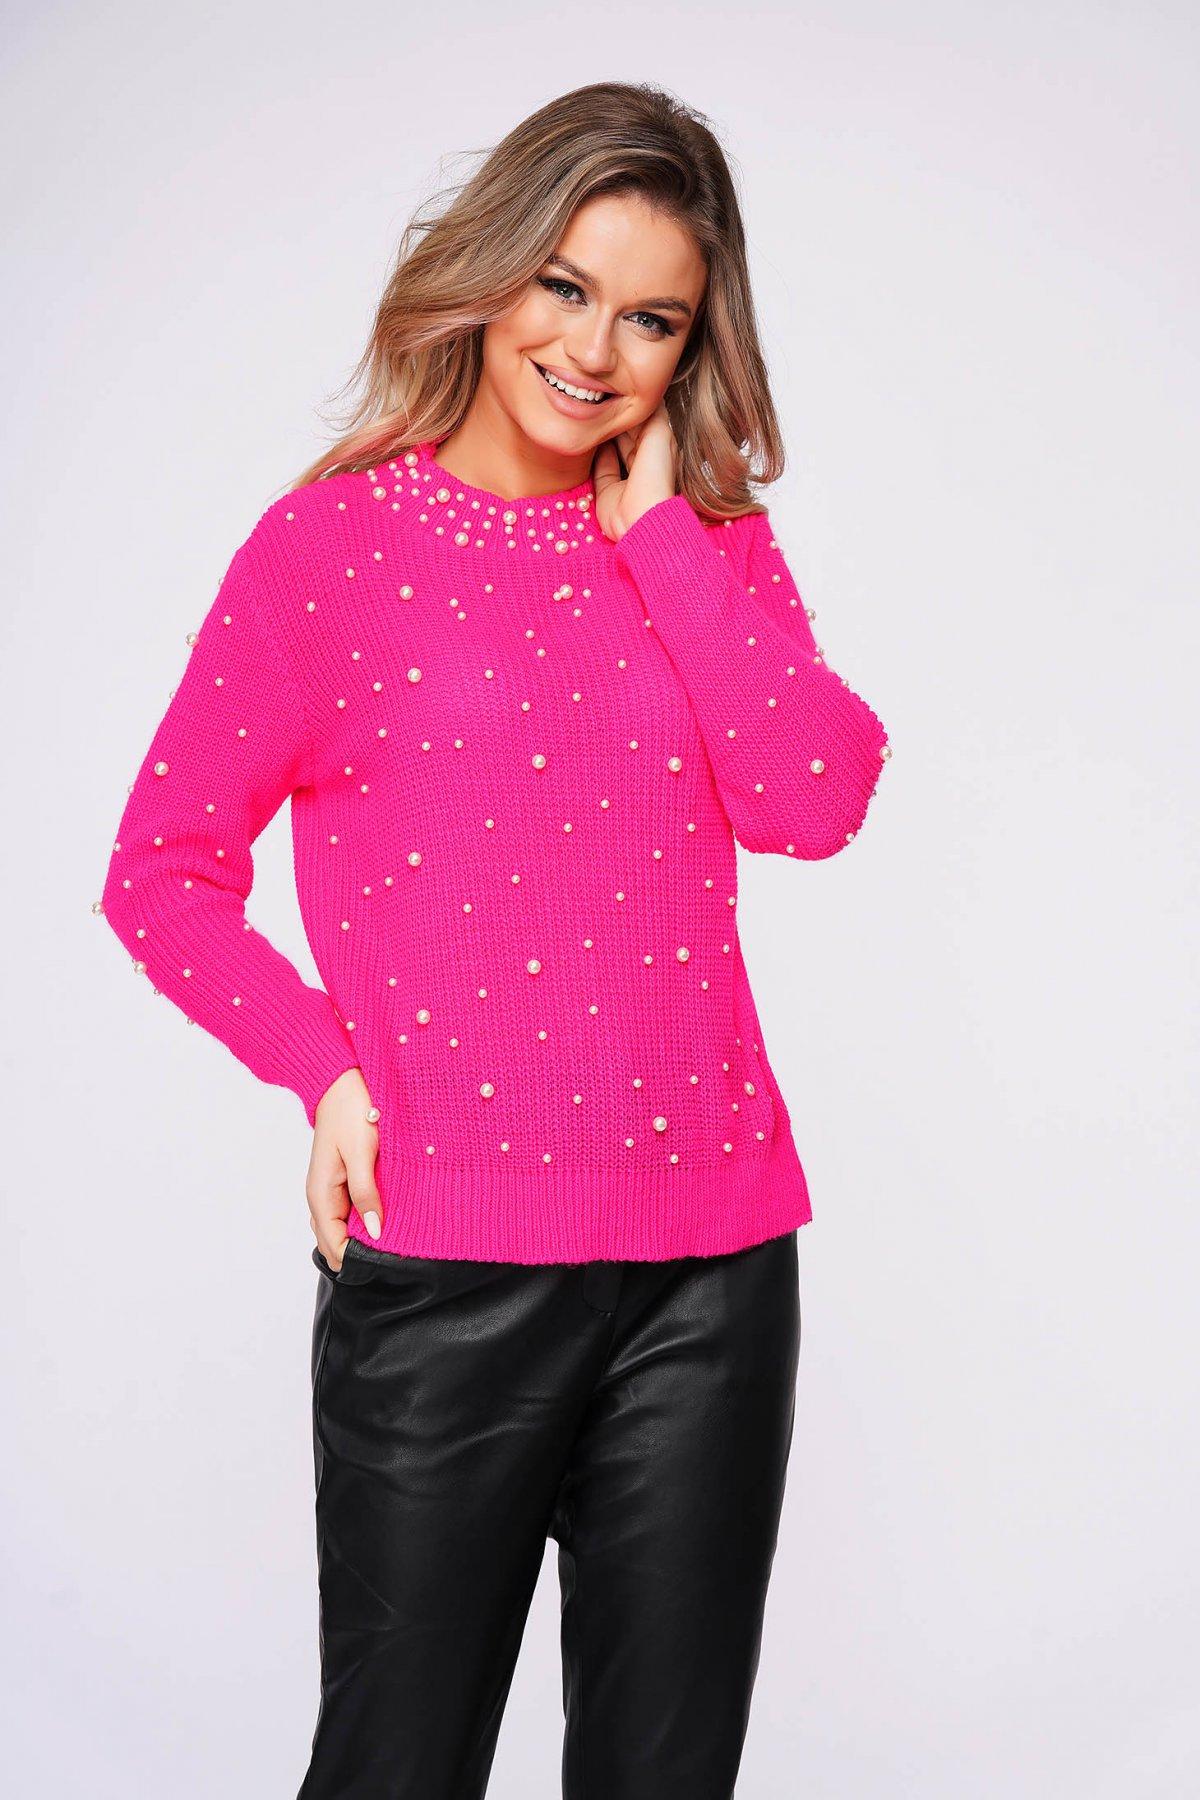 Pulover SunShine roz casual cu croi larg din material tricotat cu aplicatii cu perle imagine